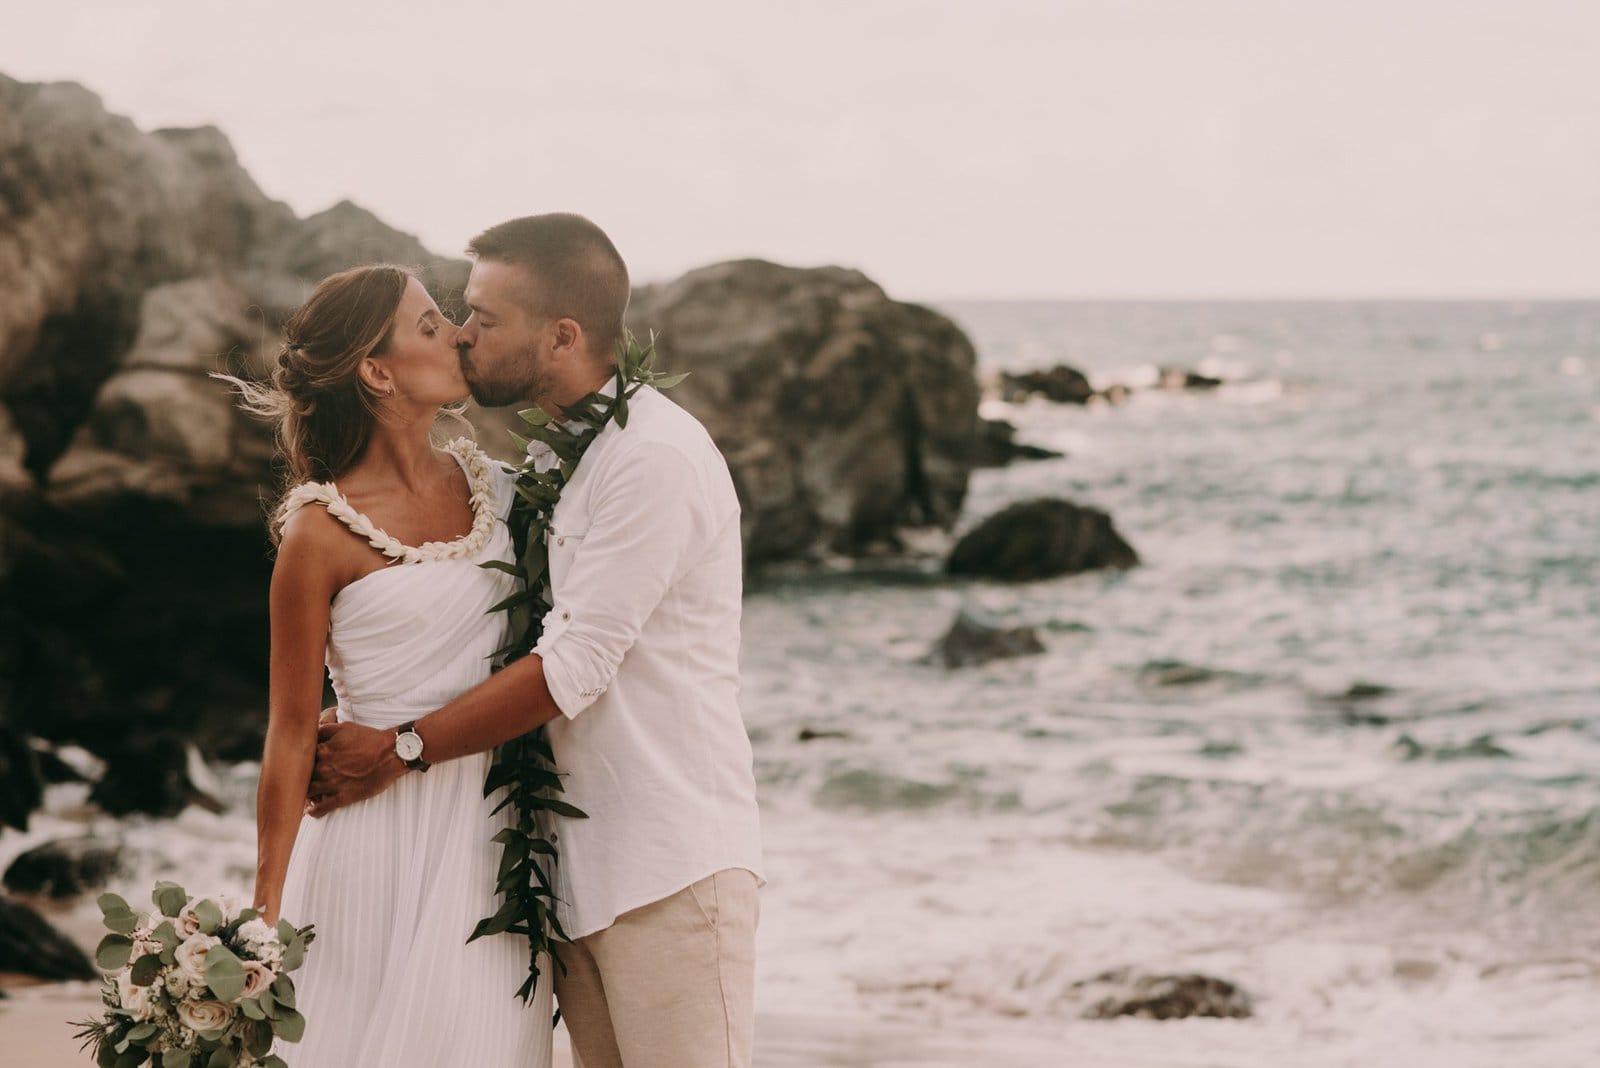 elopement portraits in Hawaii